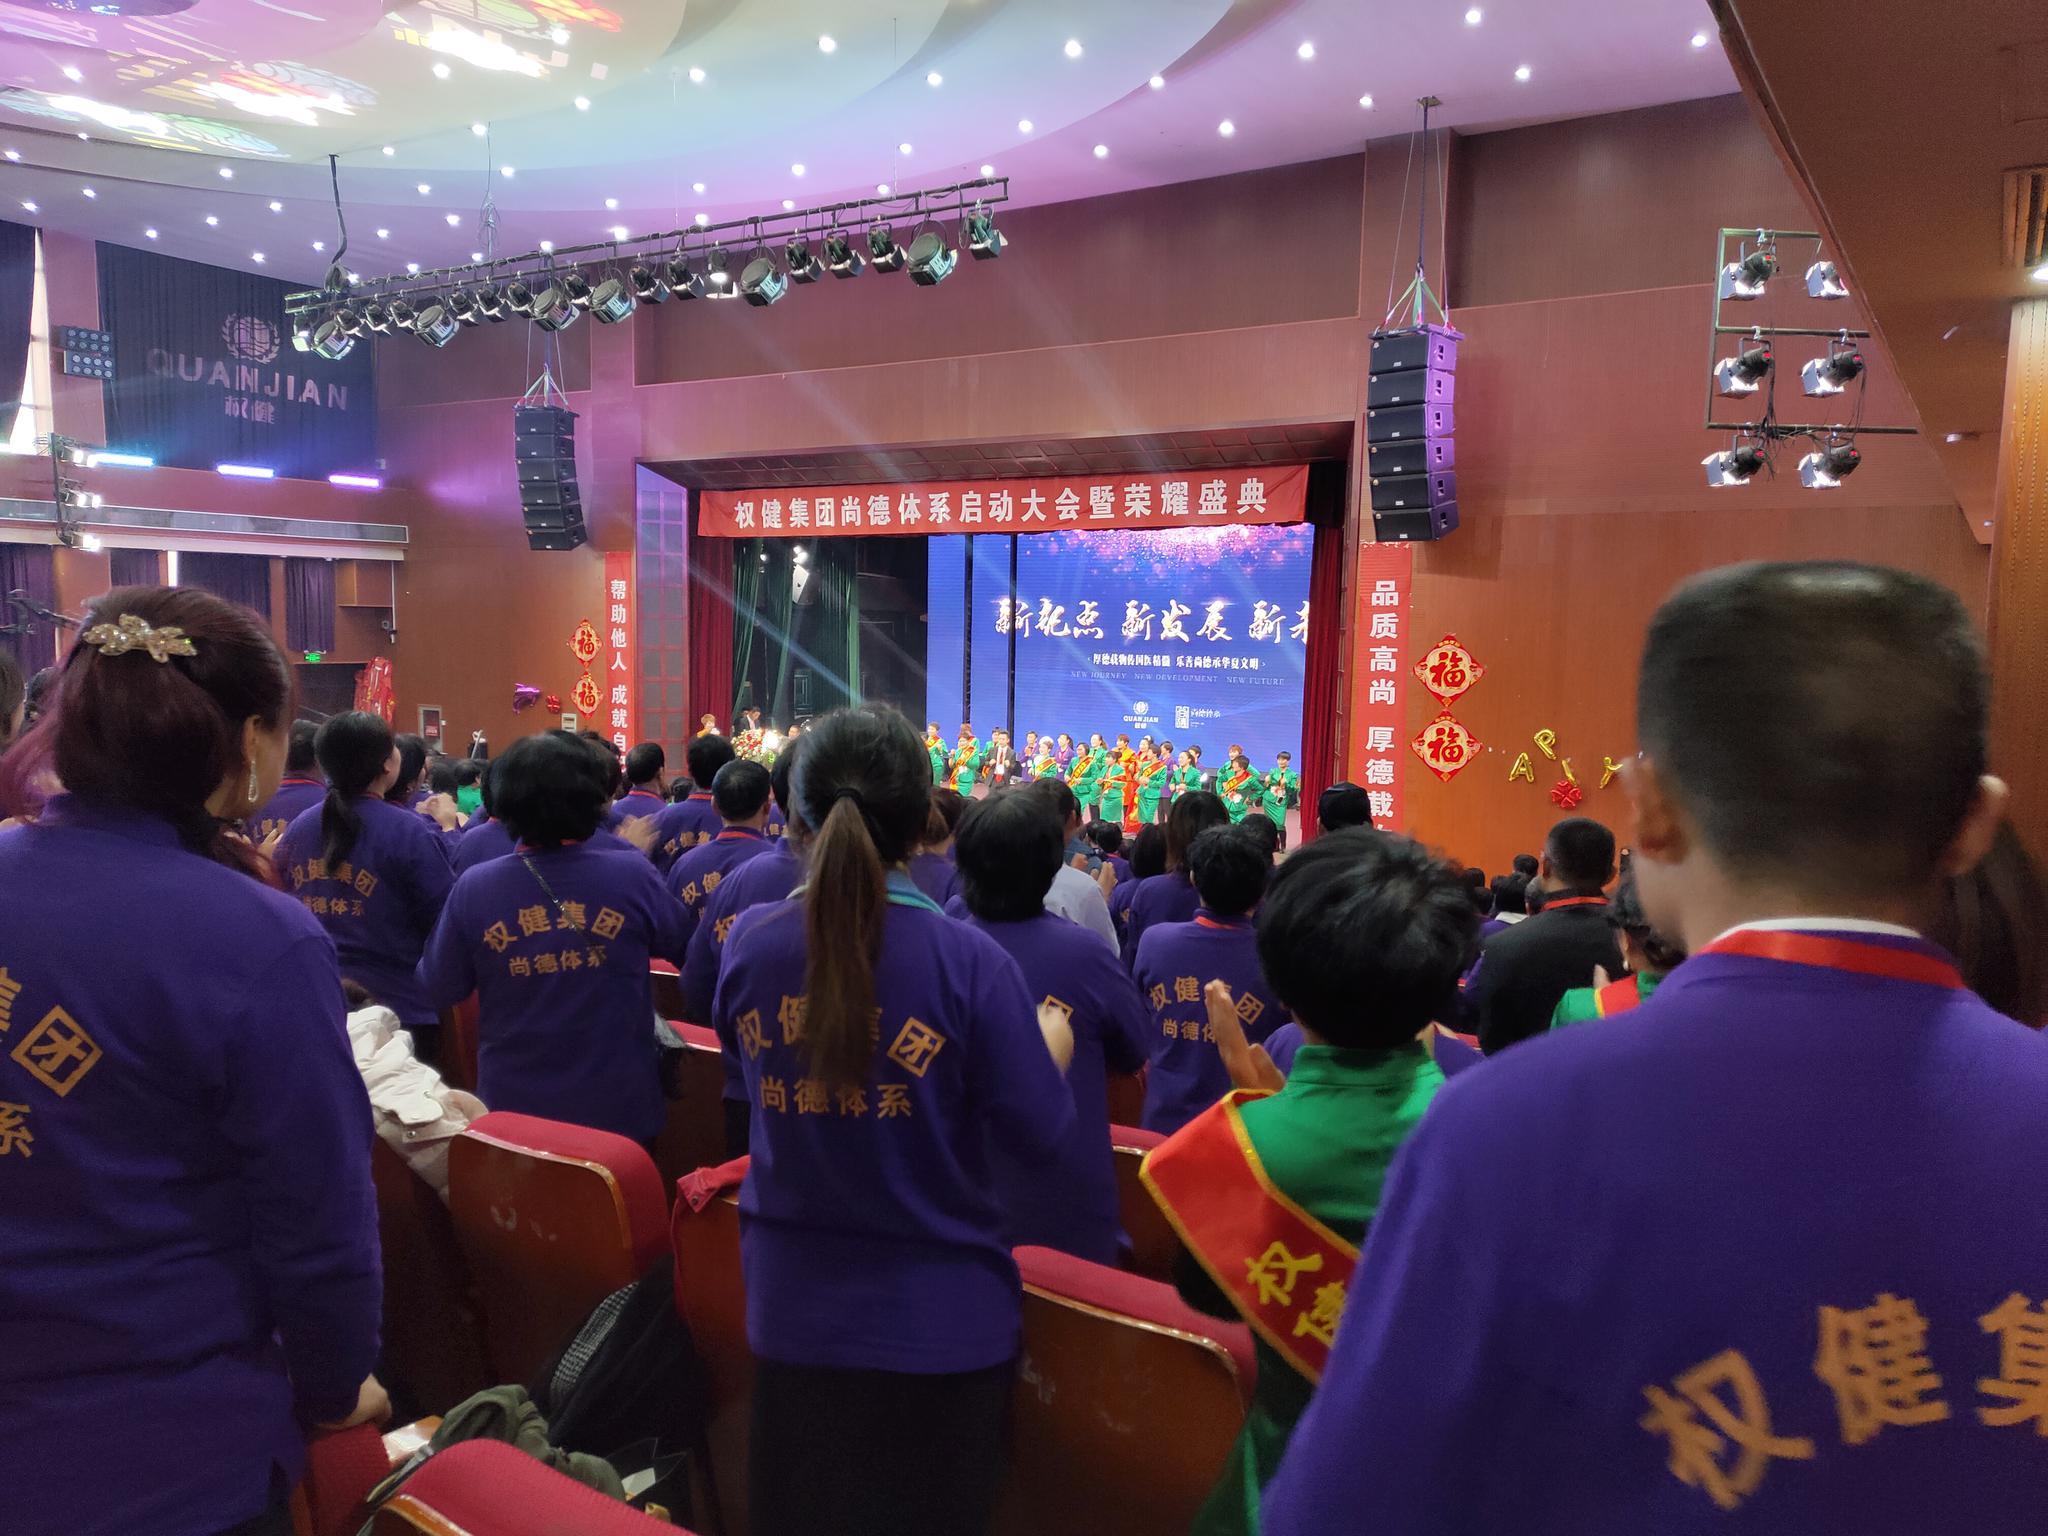 大会现场外演环节,参会人权通盘首立跟脱兴高采烈。新京报记者 康佳 摄